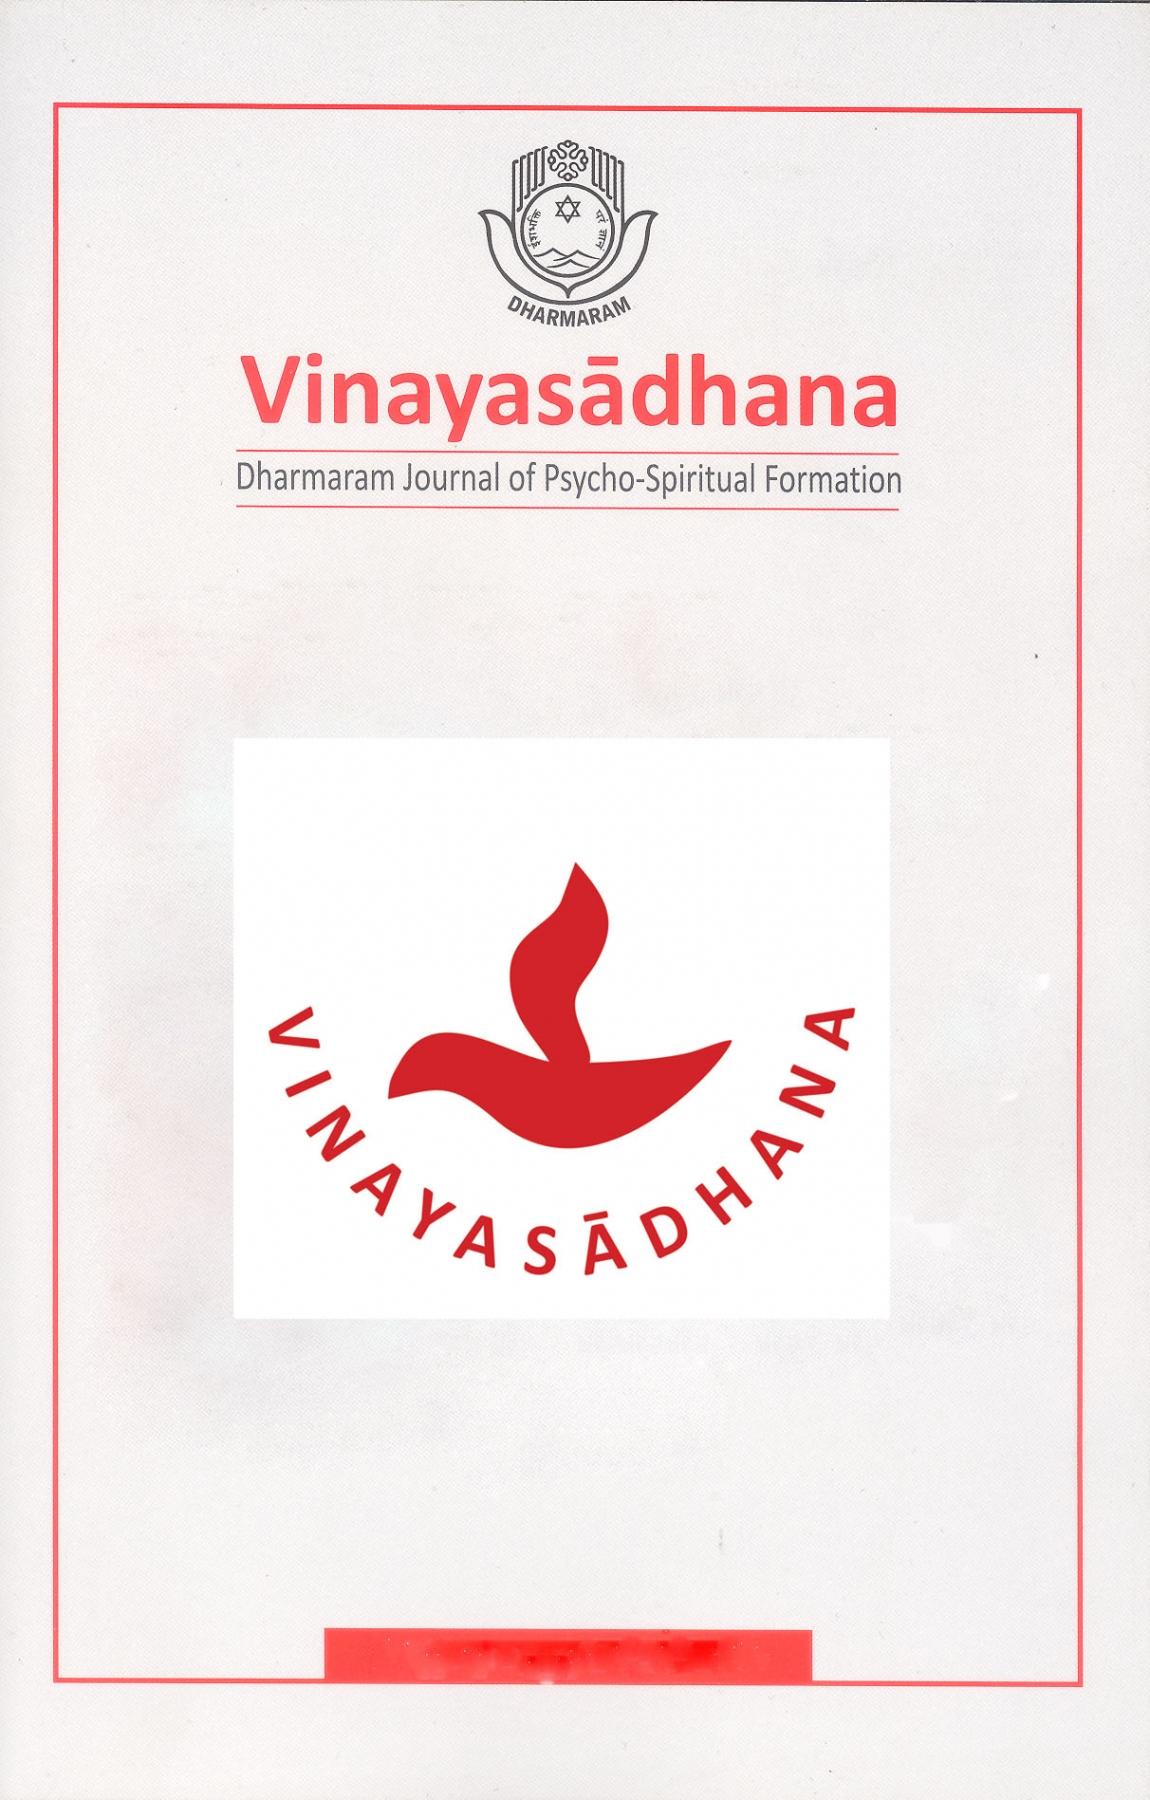 Vinayasadhana